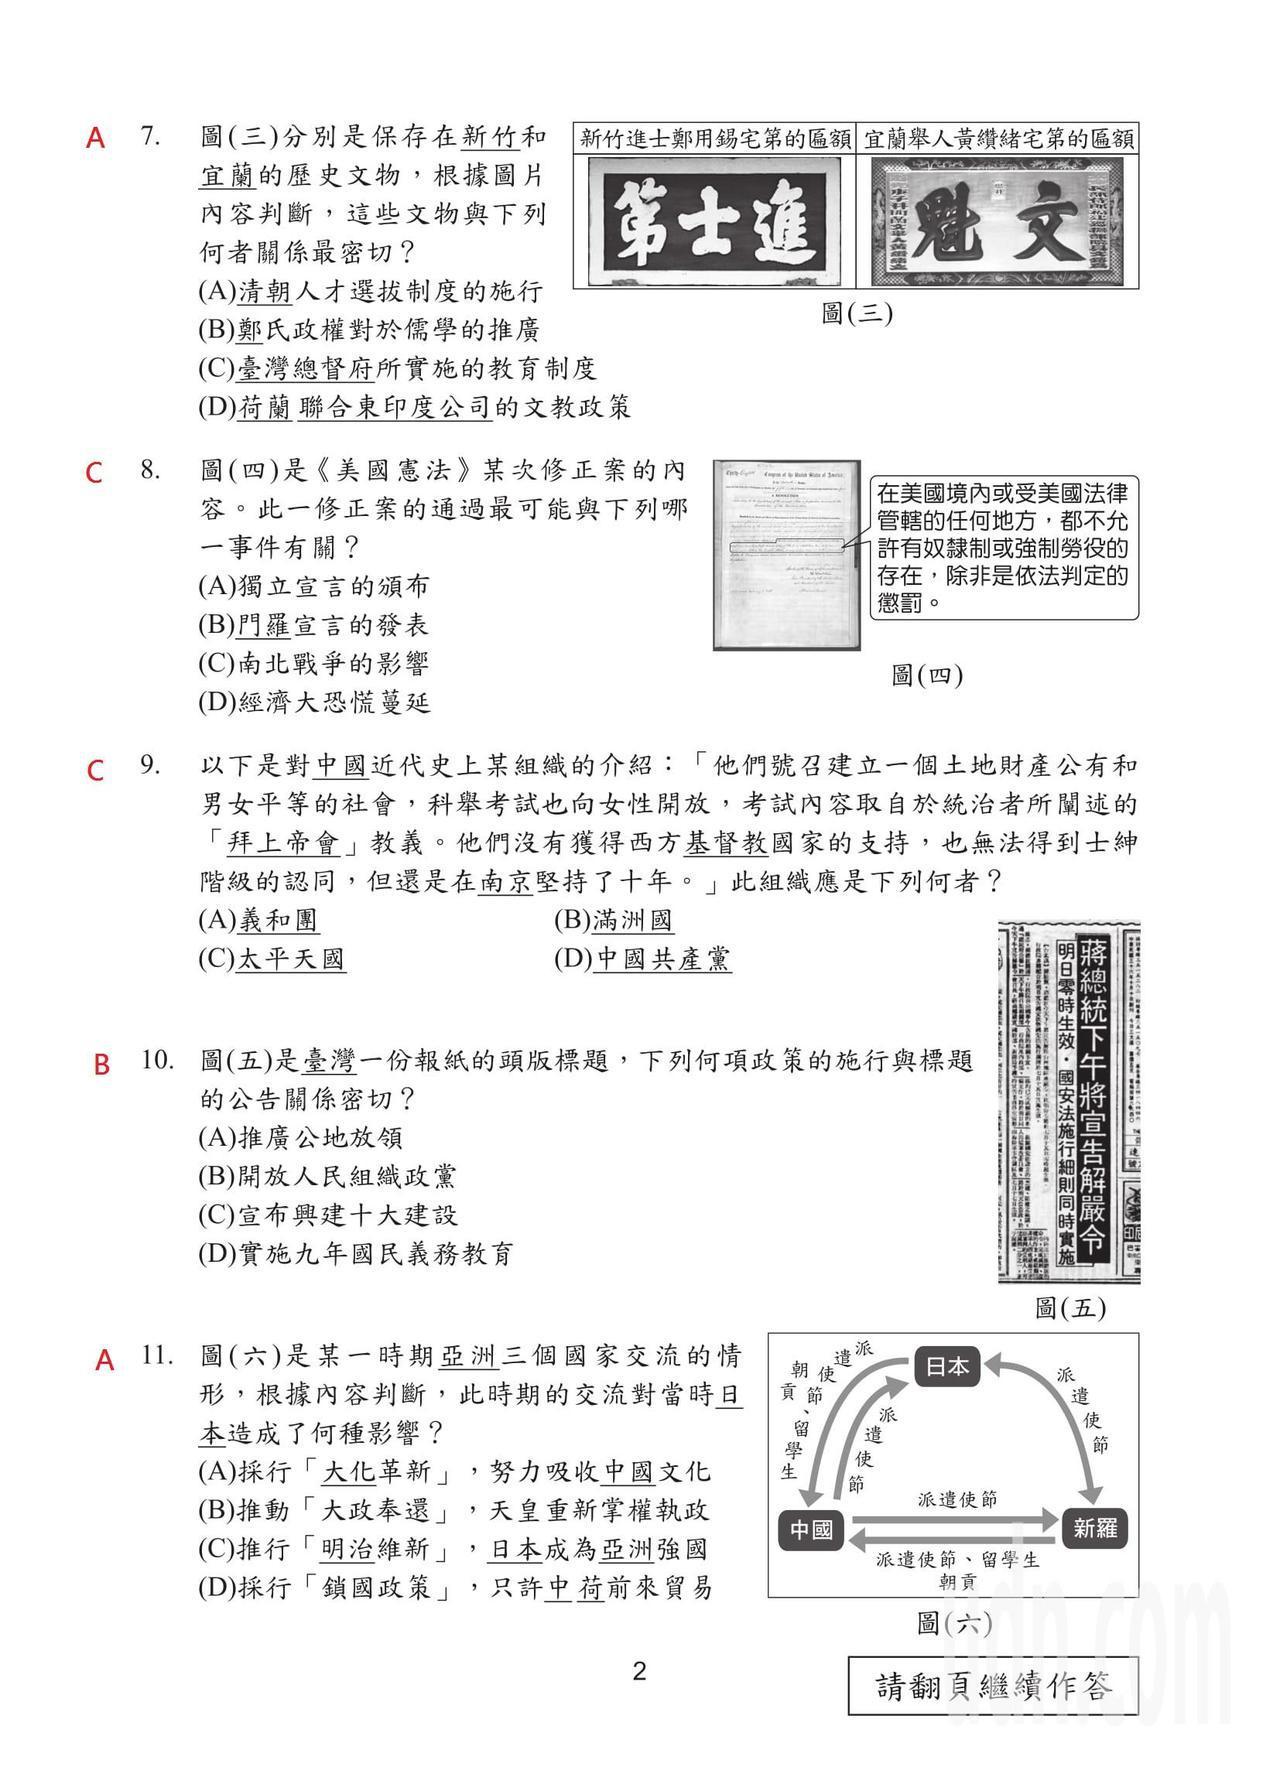 108國中會考社會科試題解答,第2頁。